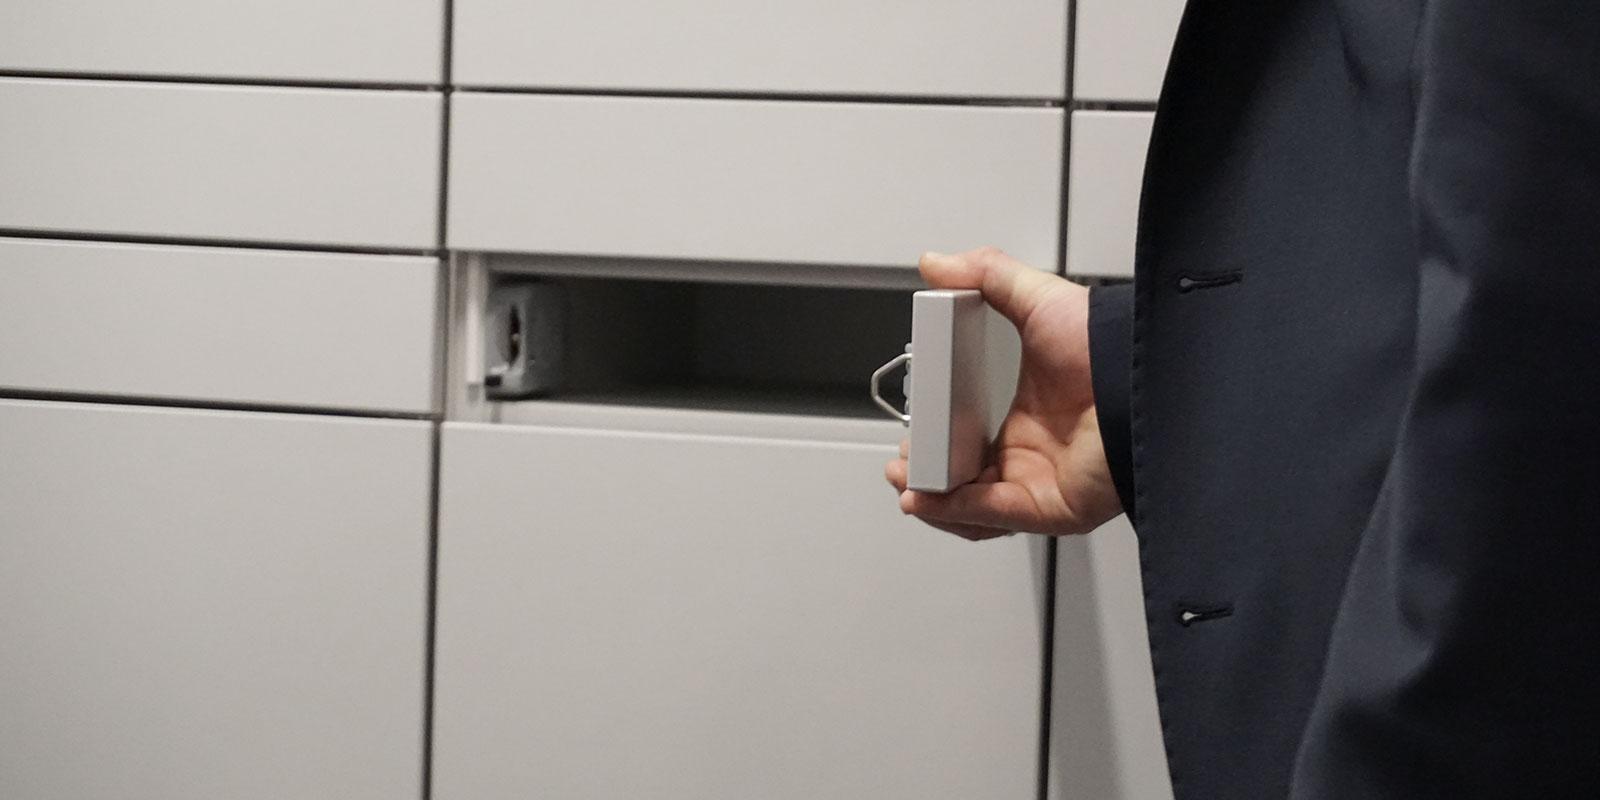 geöffnetes Fach von einem NetLocker Schranksystem